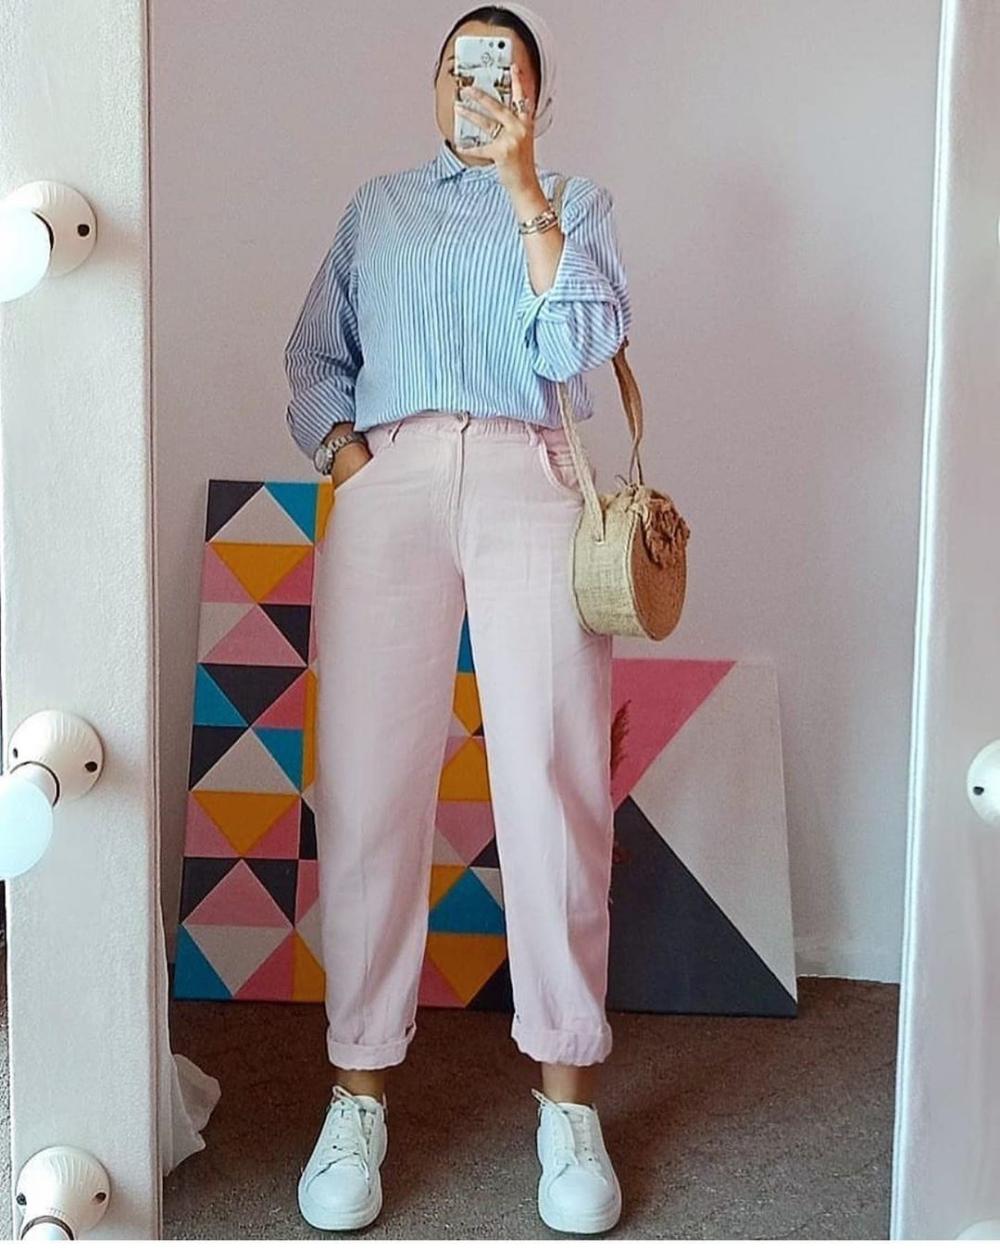 افكار بناطيل واسعه محجبات 2021 ملونة بناطيل قماش واسعة للبنات 2021 Fashion Pants Culottes